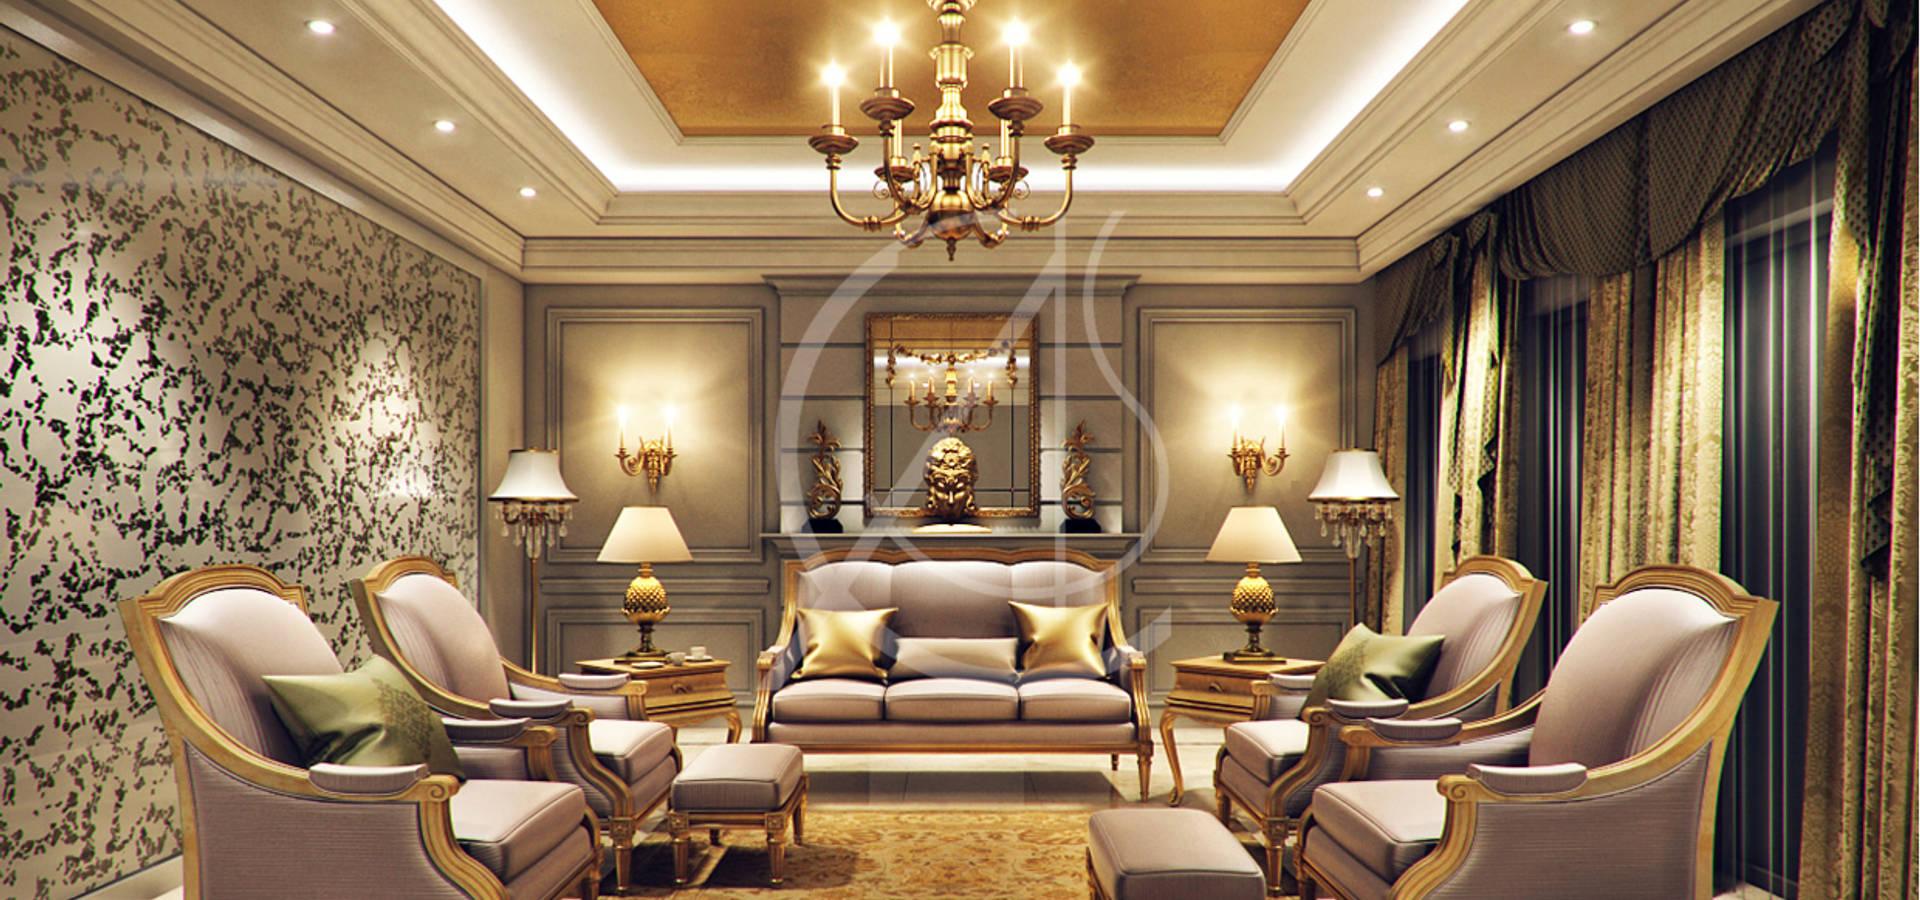 Superior Comelite Architecture, Structure And Interior Design